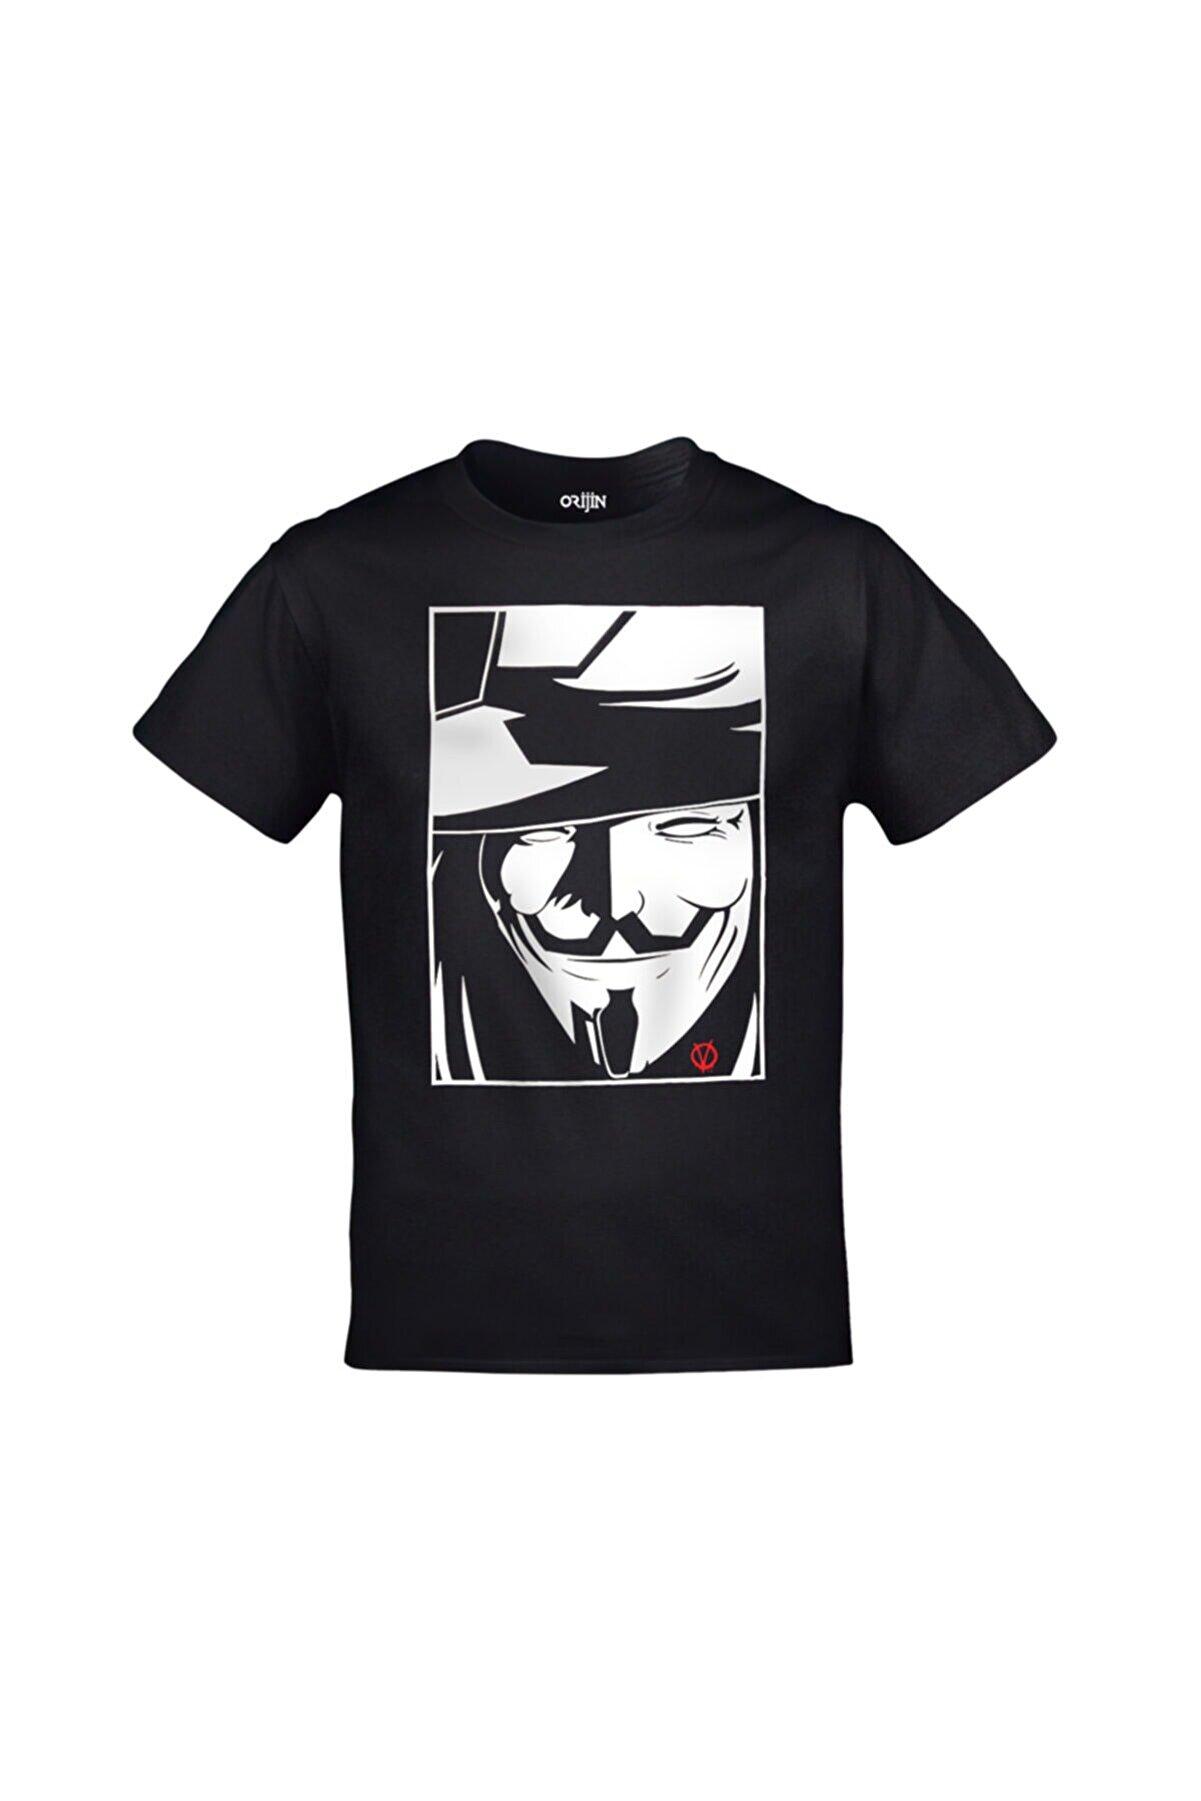 Orijin Tekstil Unisex Siyah V For Vendetta T-shirt